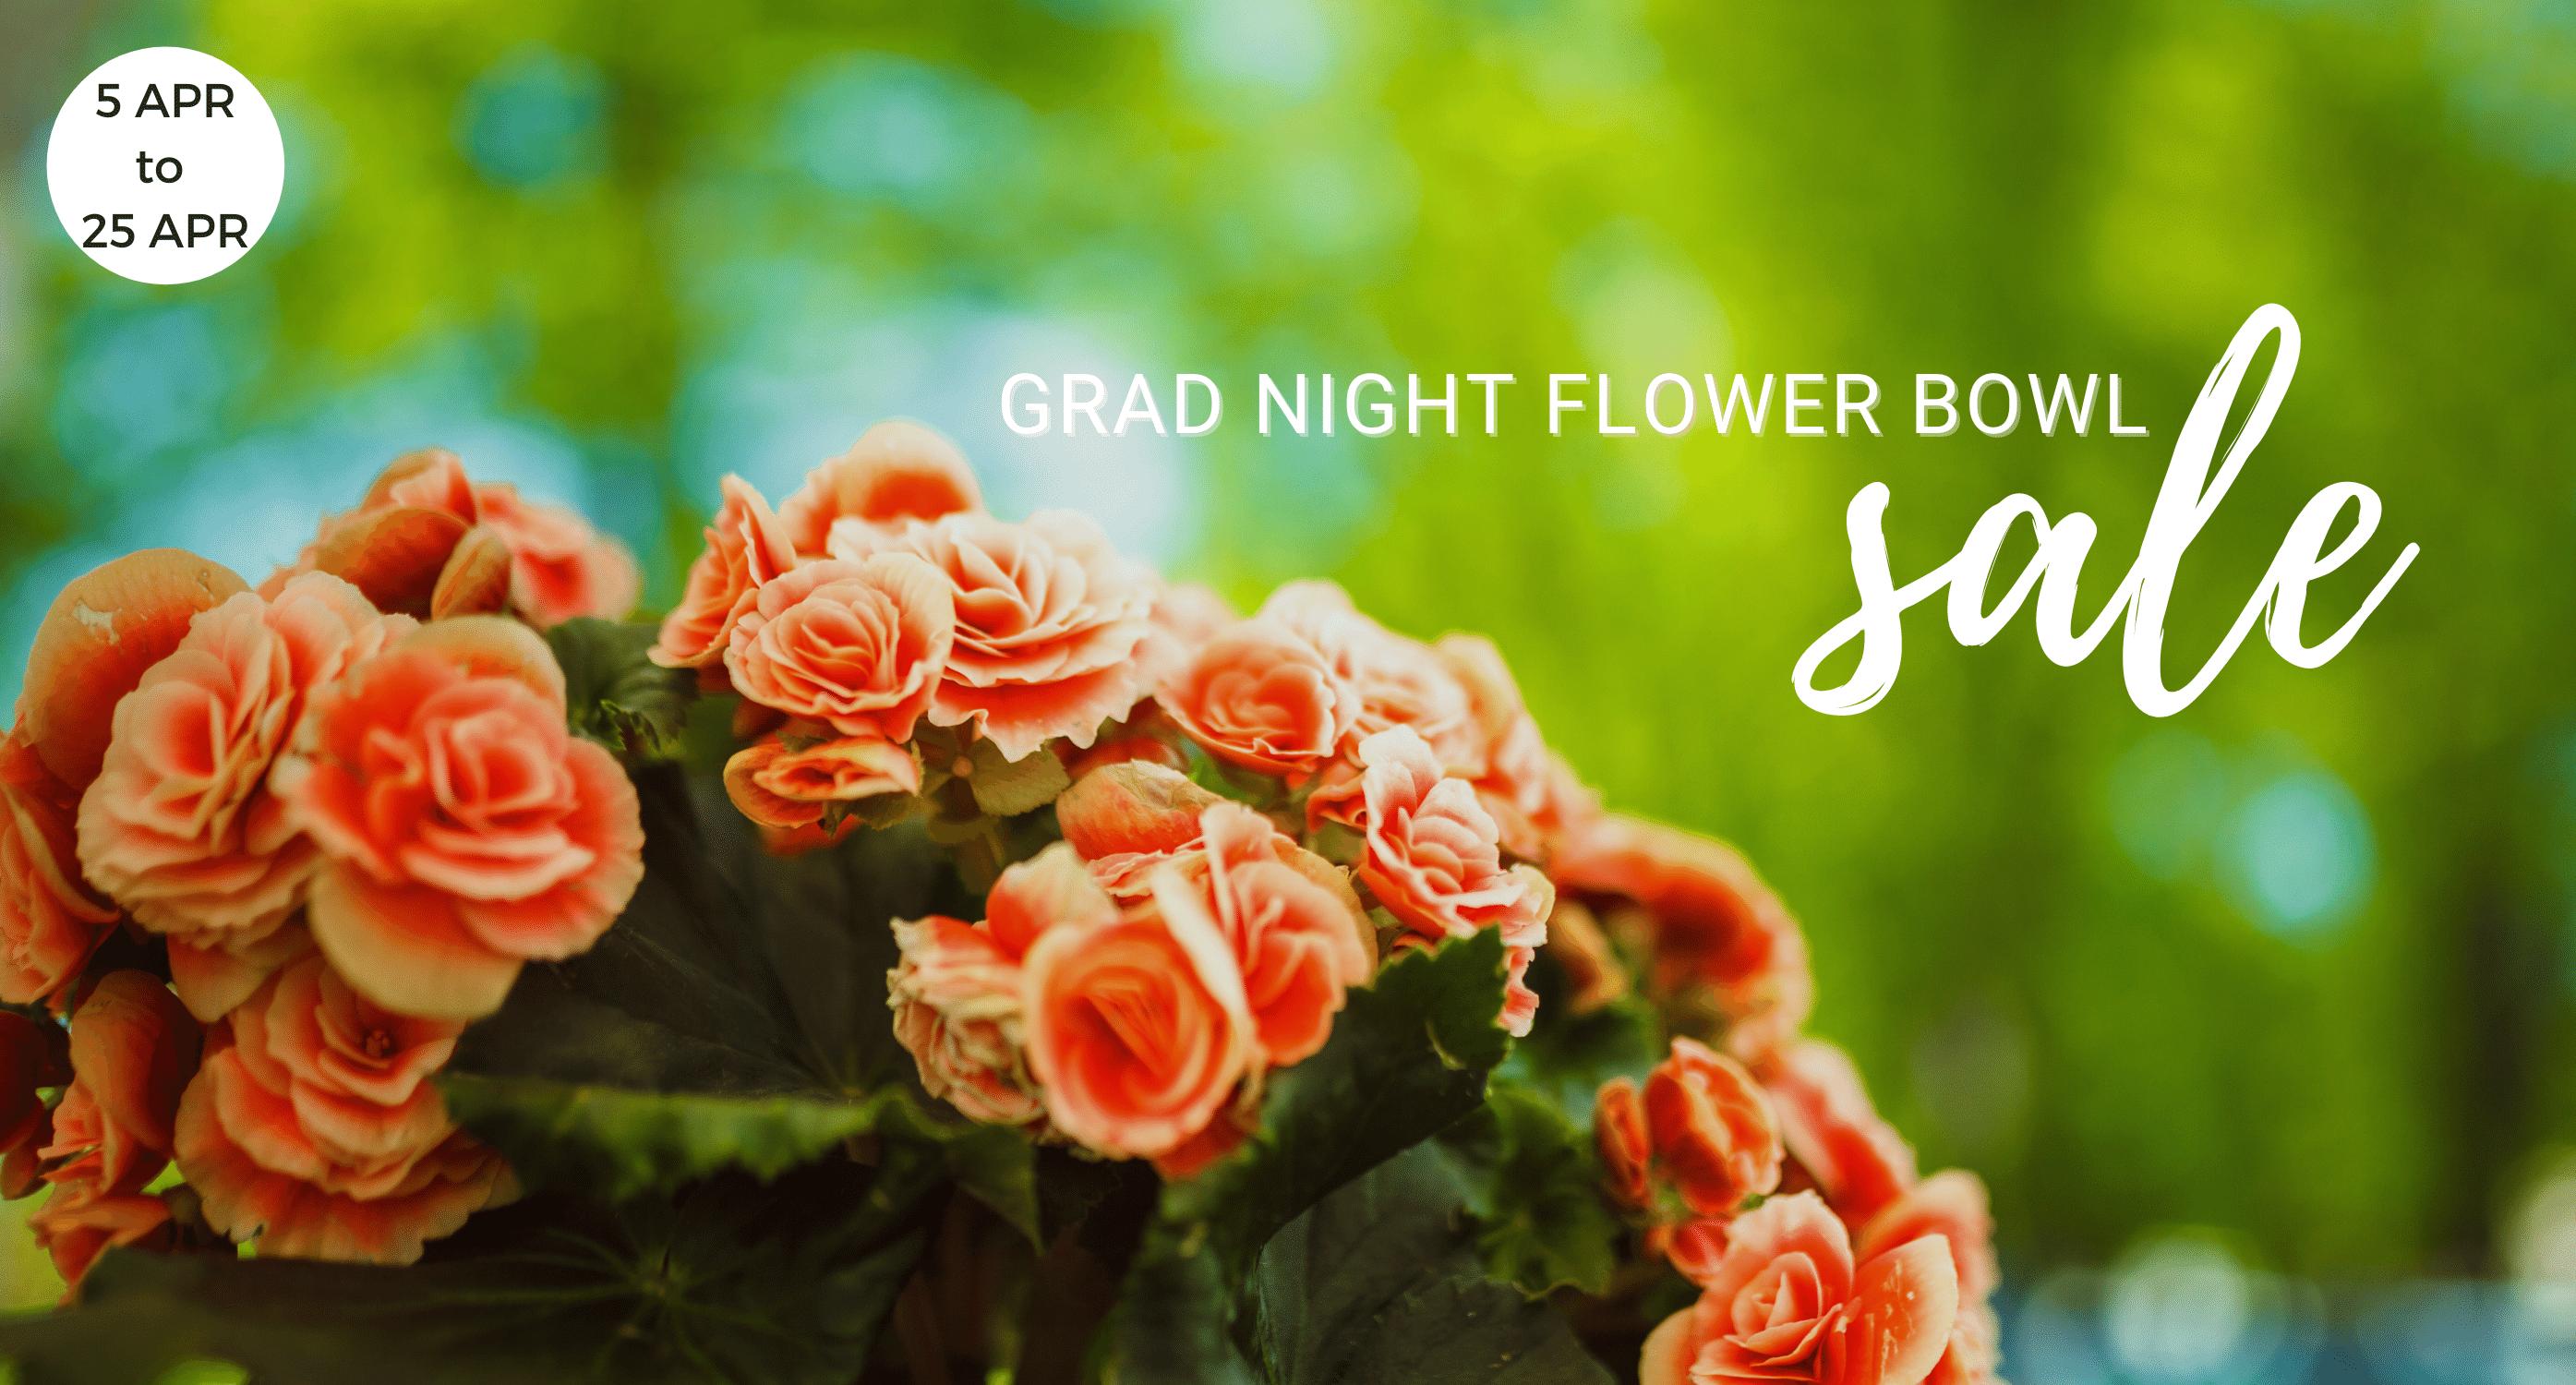 Oak Harbor Grad Night Flower Bowl Sale